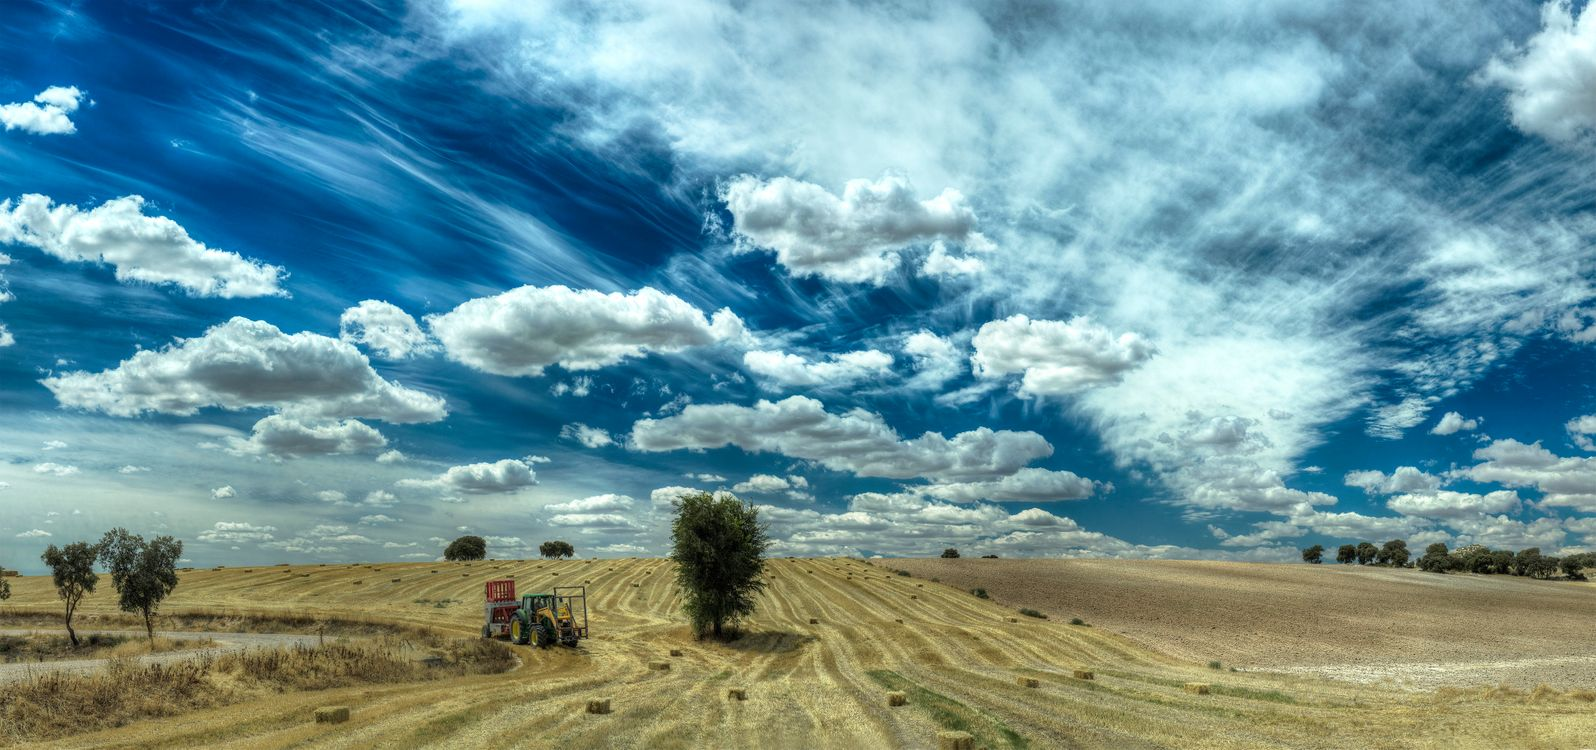 Фото бесплатно поле, небо, облака, урожай, осень, сено, трактор, холмы, дерево, пейзаж, пейзажи